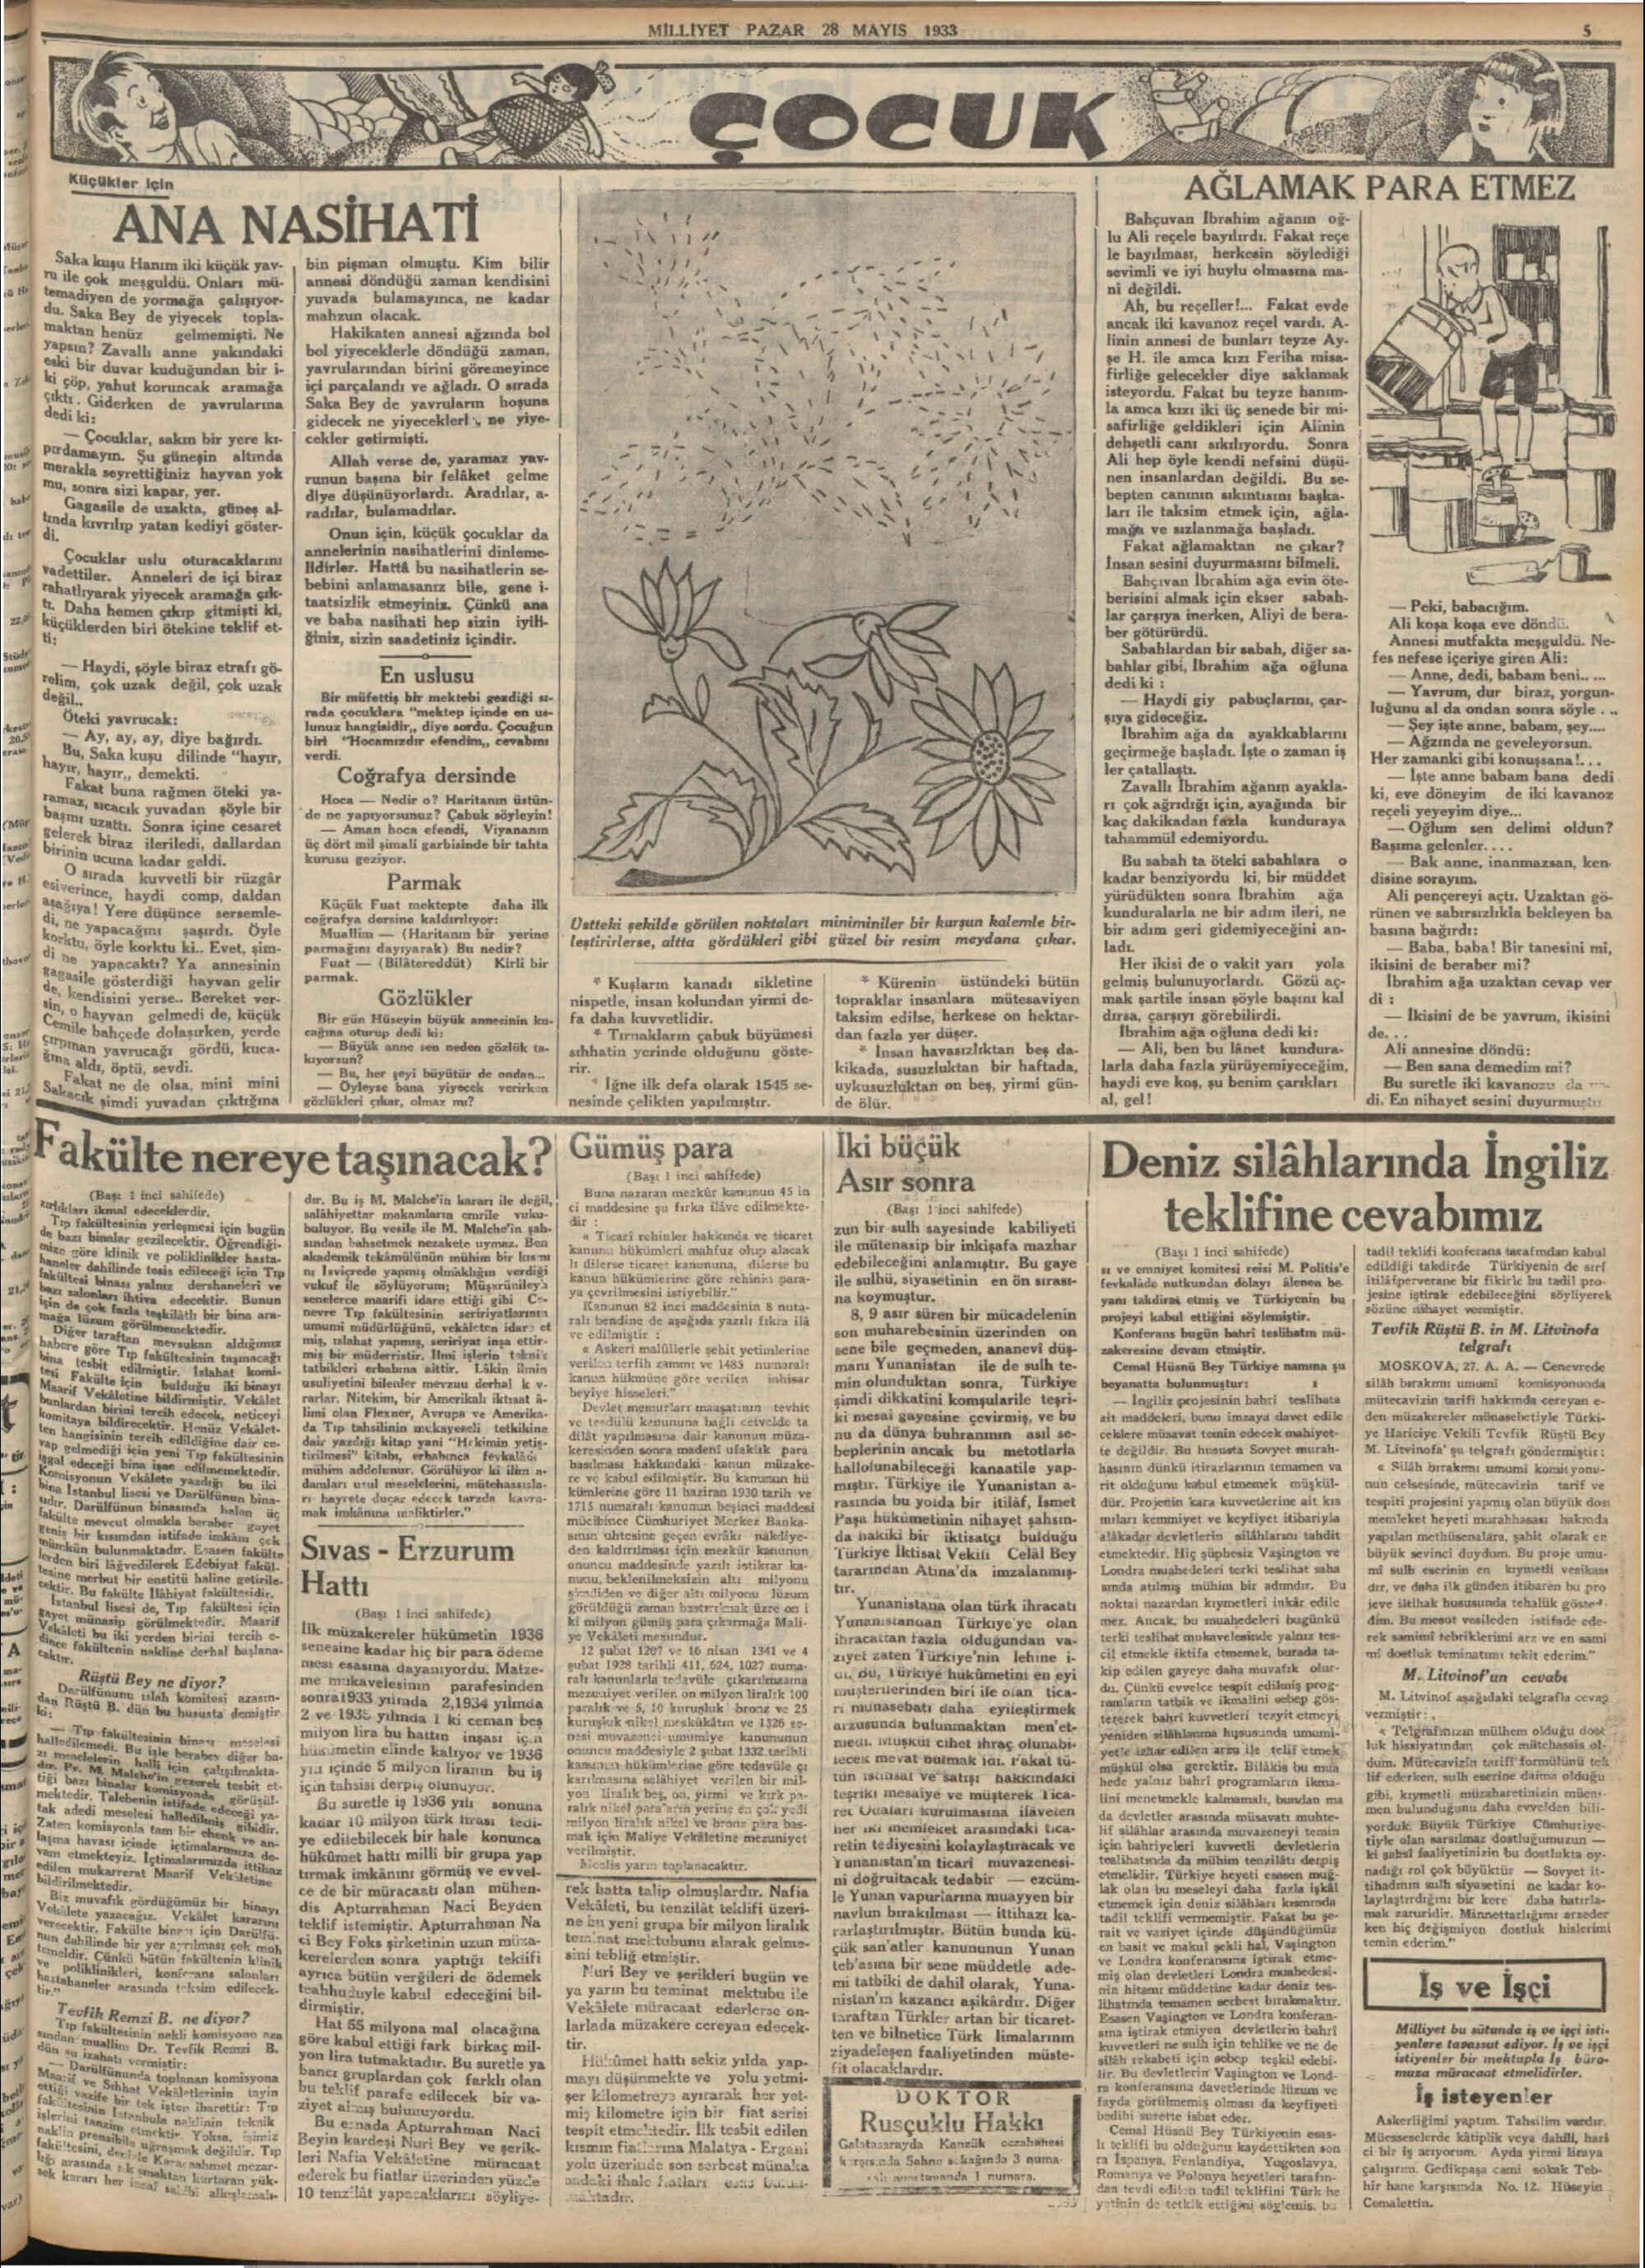 28 Mayıs 1933 Tarihli Milliyet Gazetesi Sayfa 5